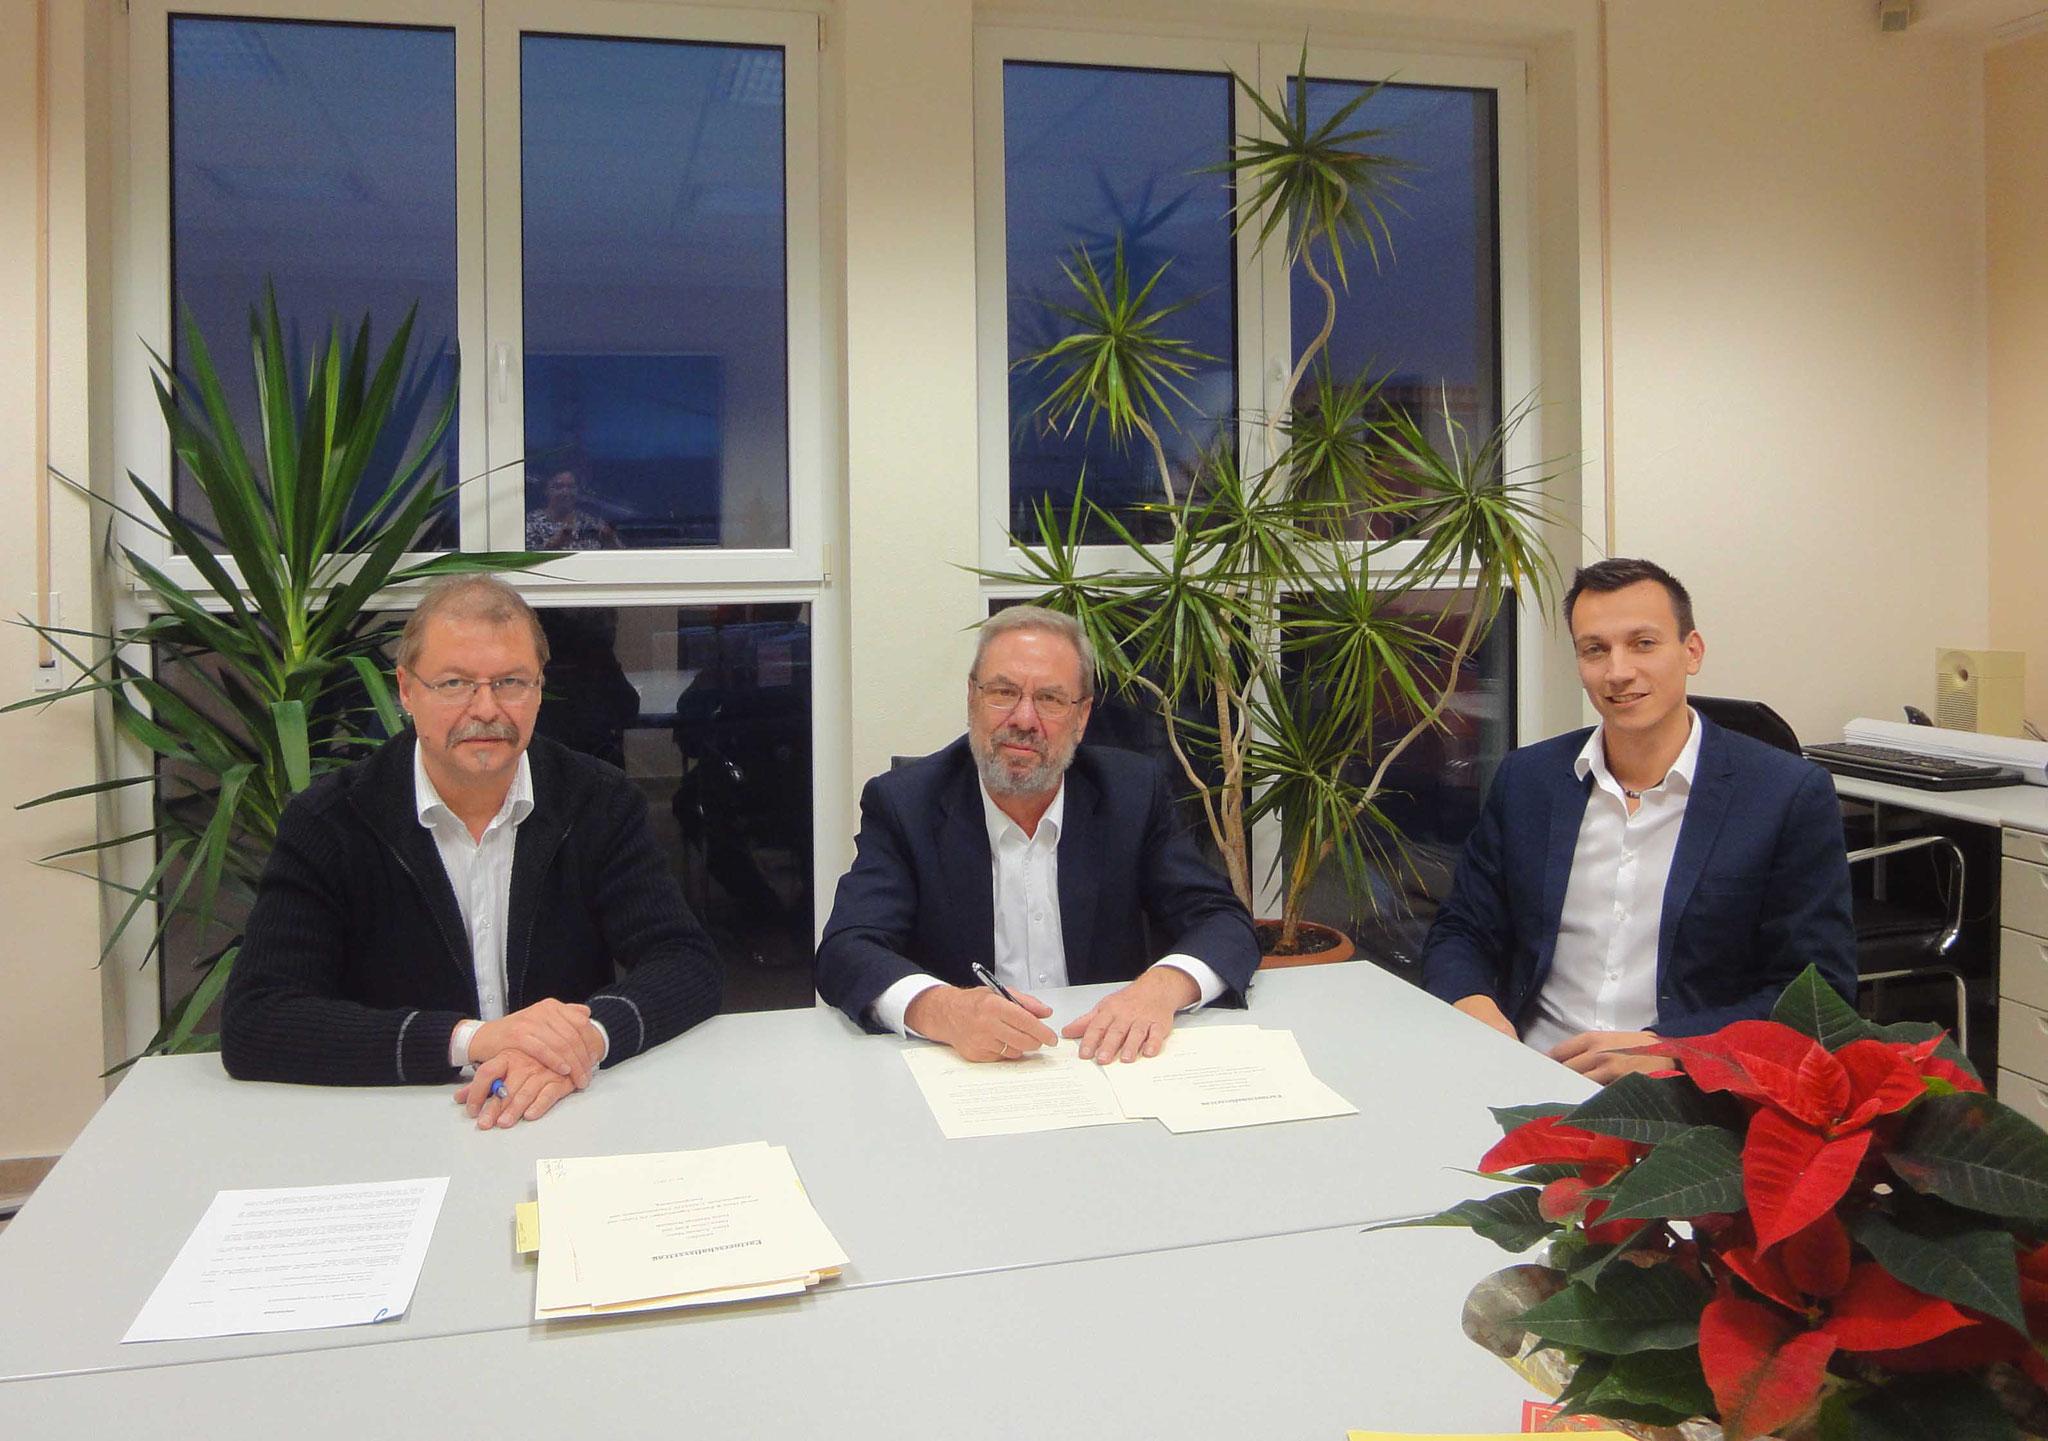 """2016 - ändert sich die Firmenstruktur zu """"amcad Menz und Partner"""" und die langjährigen Mitarbeiter Herr Oliver Kalb und Herr Matthias Bertholdt werden Partner"""